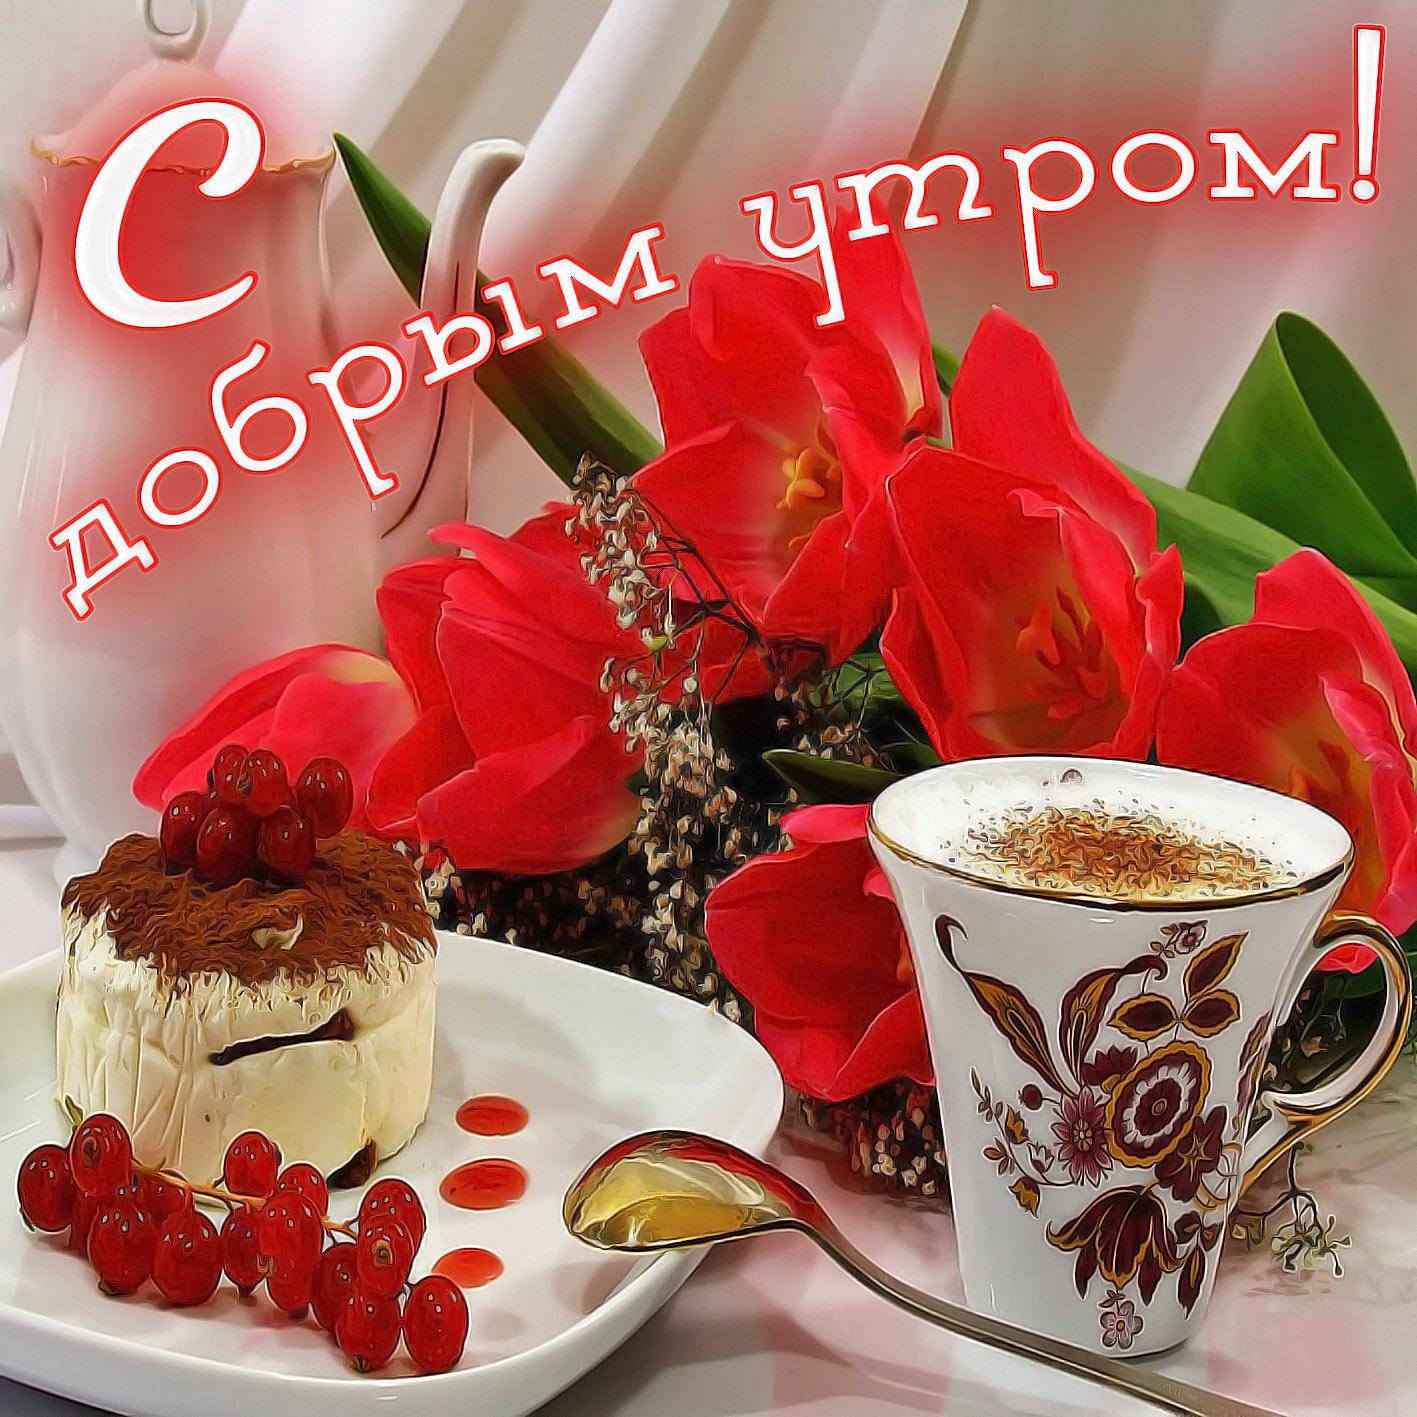 Открытка красивая с добрым утром,пожелания доброго утра,утречка Открытки открытка картинки картинка доброе утра,доброго утра,с добрым утречком,яркие открытки доброе утро,с добрым утром,открытка картинка доброе утро,доброго утра,скачать